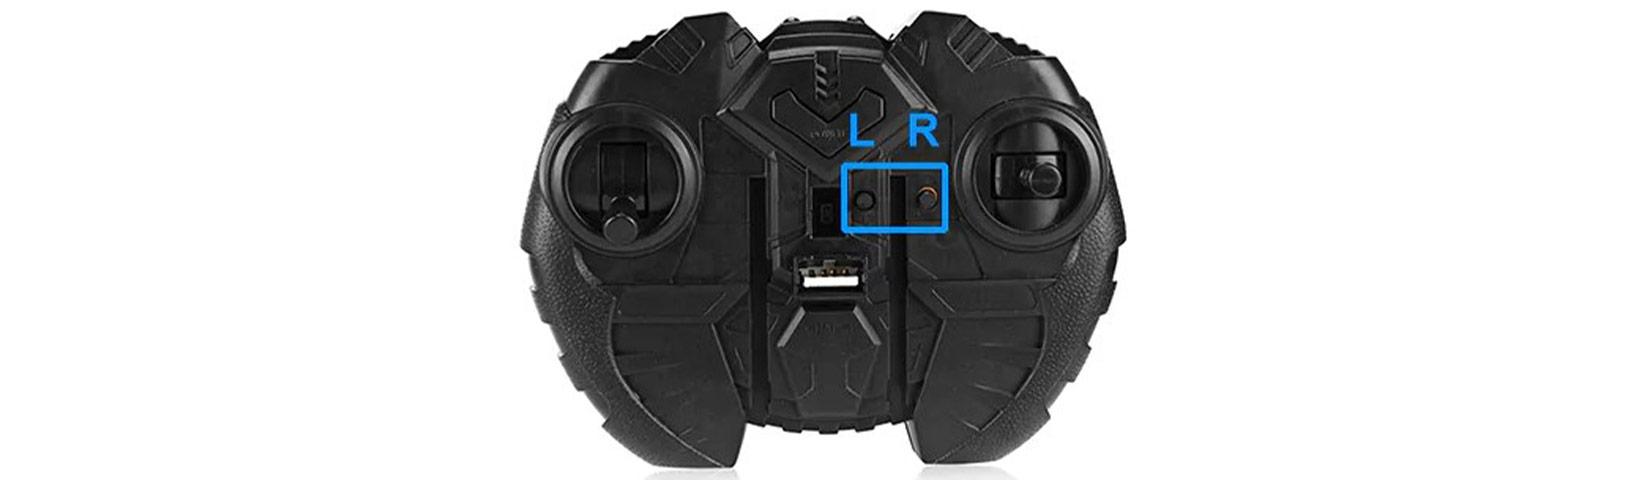 ریموت کنترل هلیکوپتر کنترلی